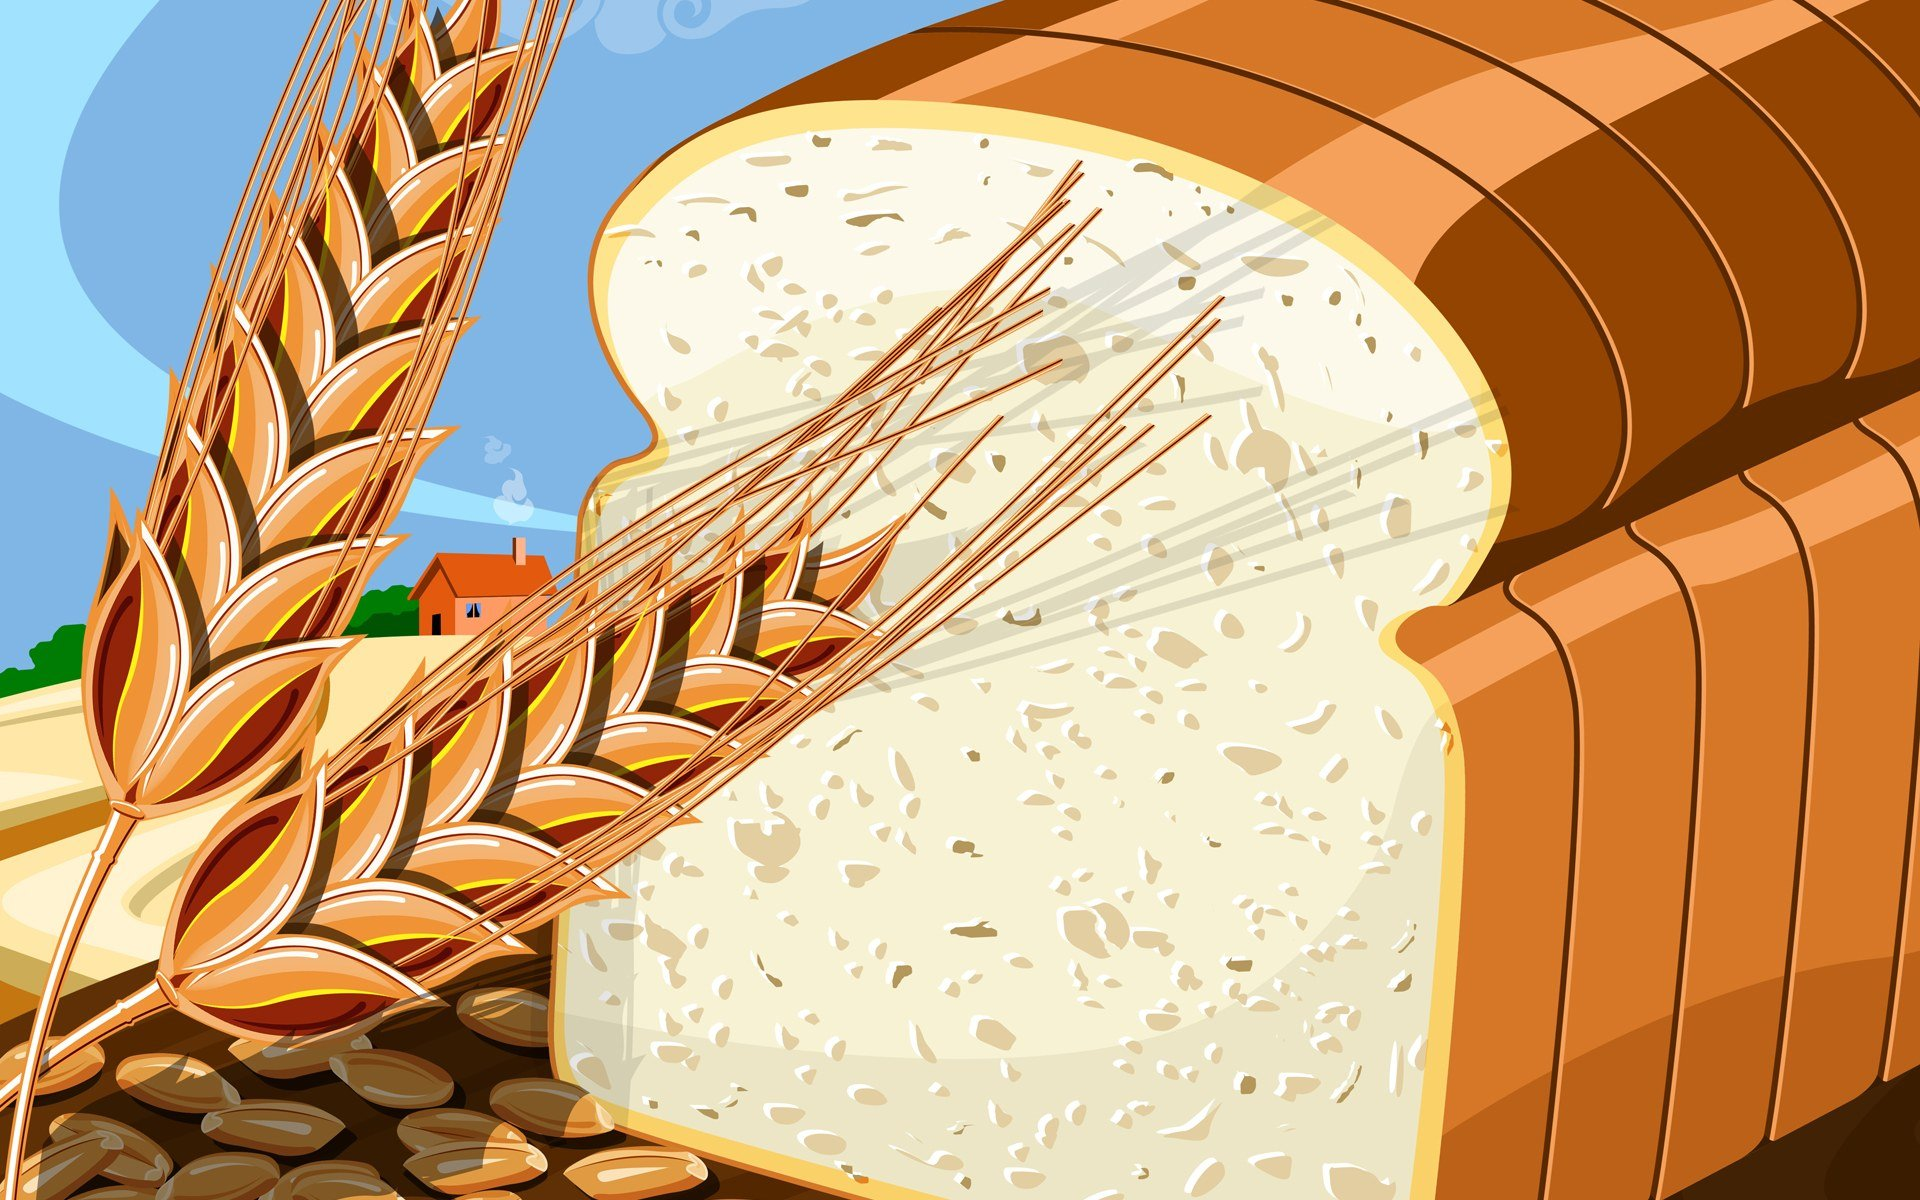 Bread clipart grain. Walldevil